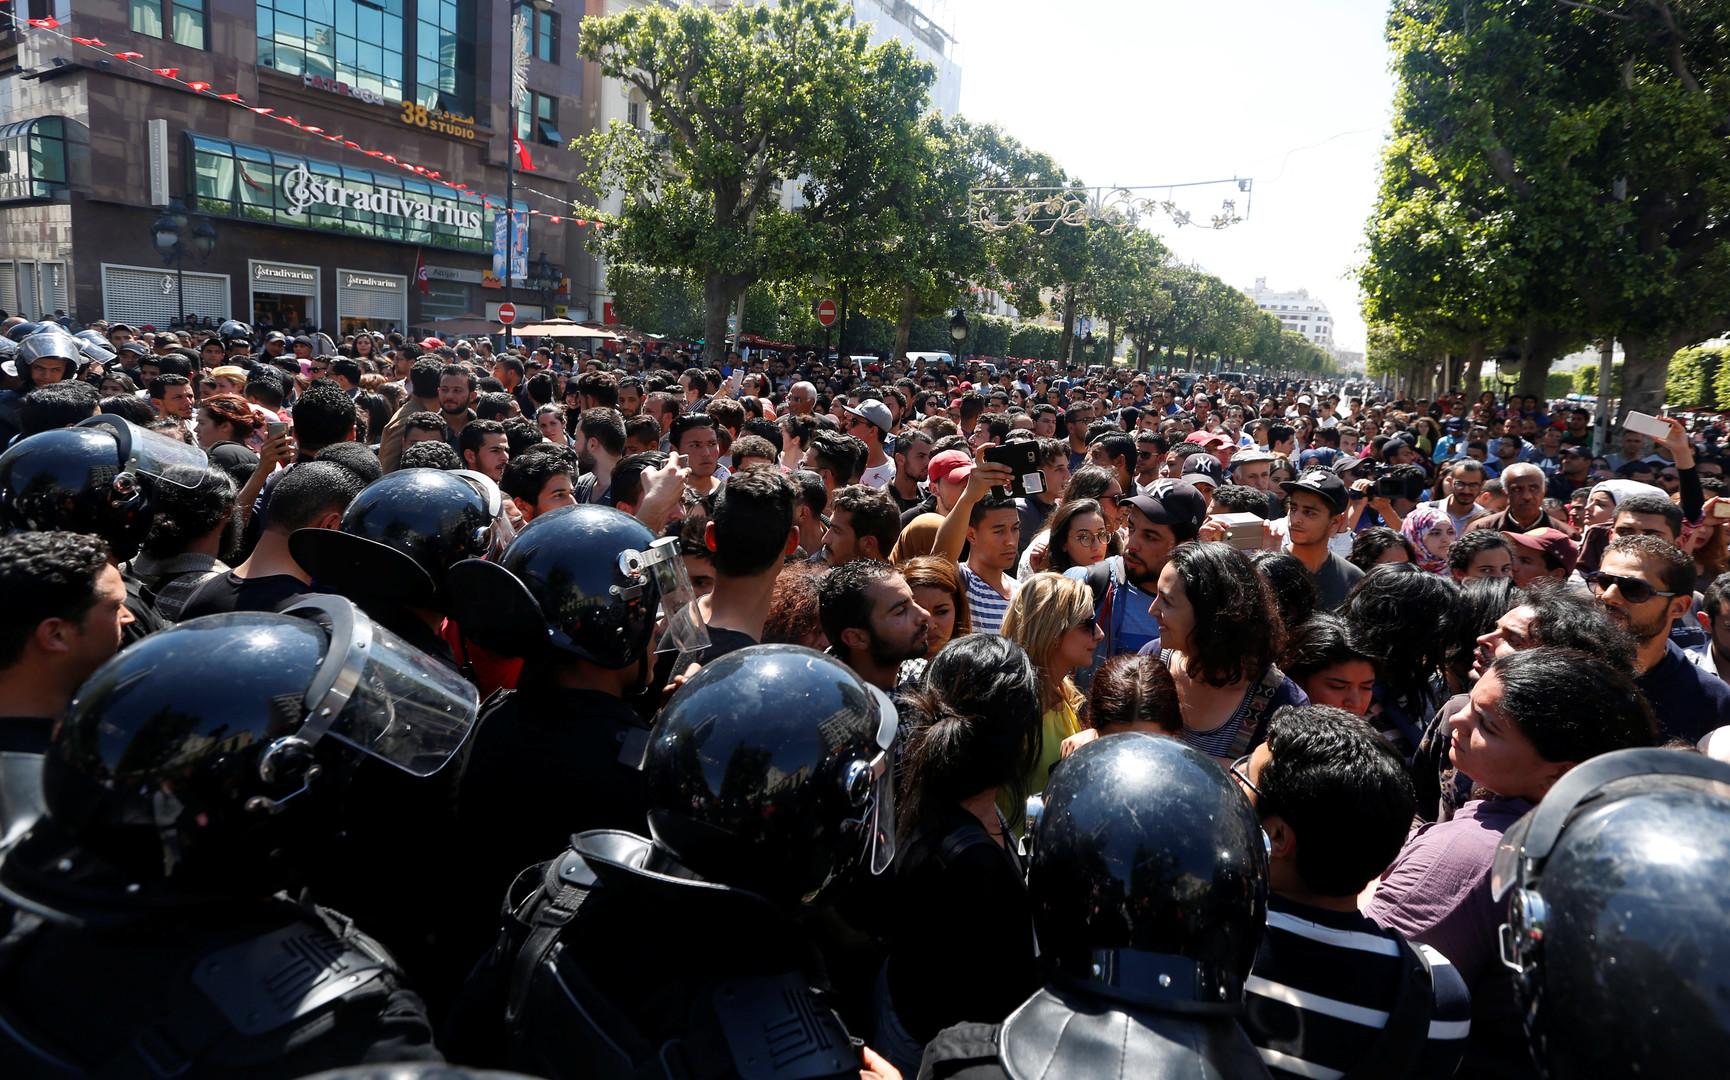 Tunisie : journée de colère estudiantine après des «violences policières» (PHOTOS)